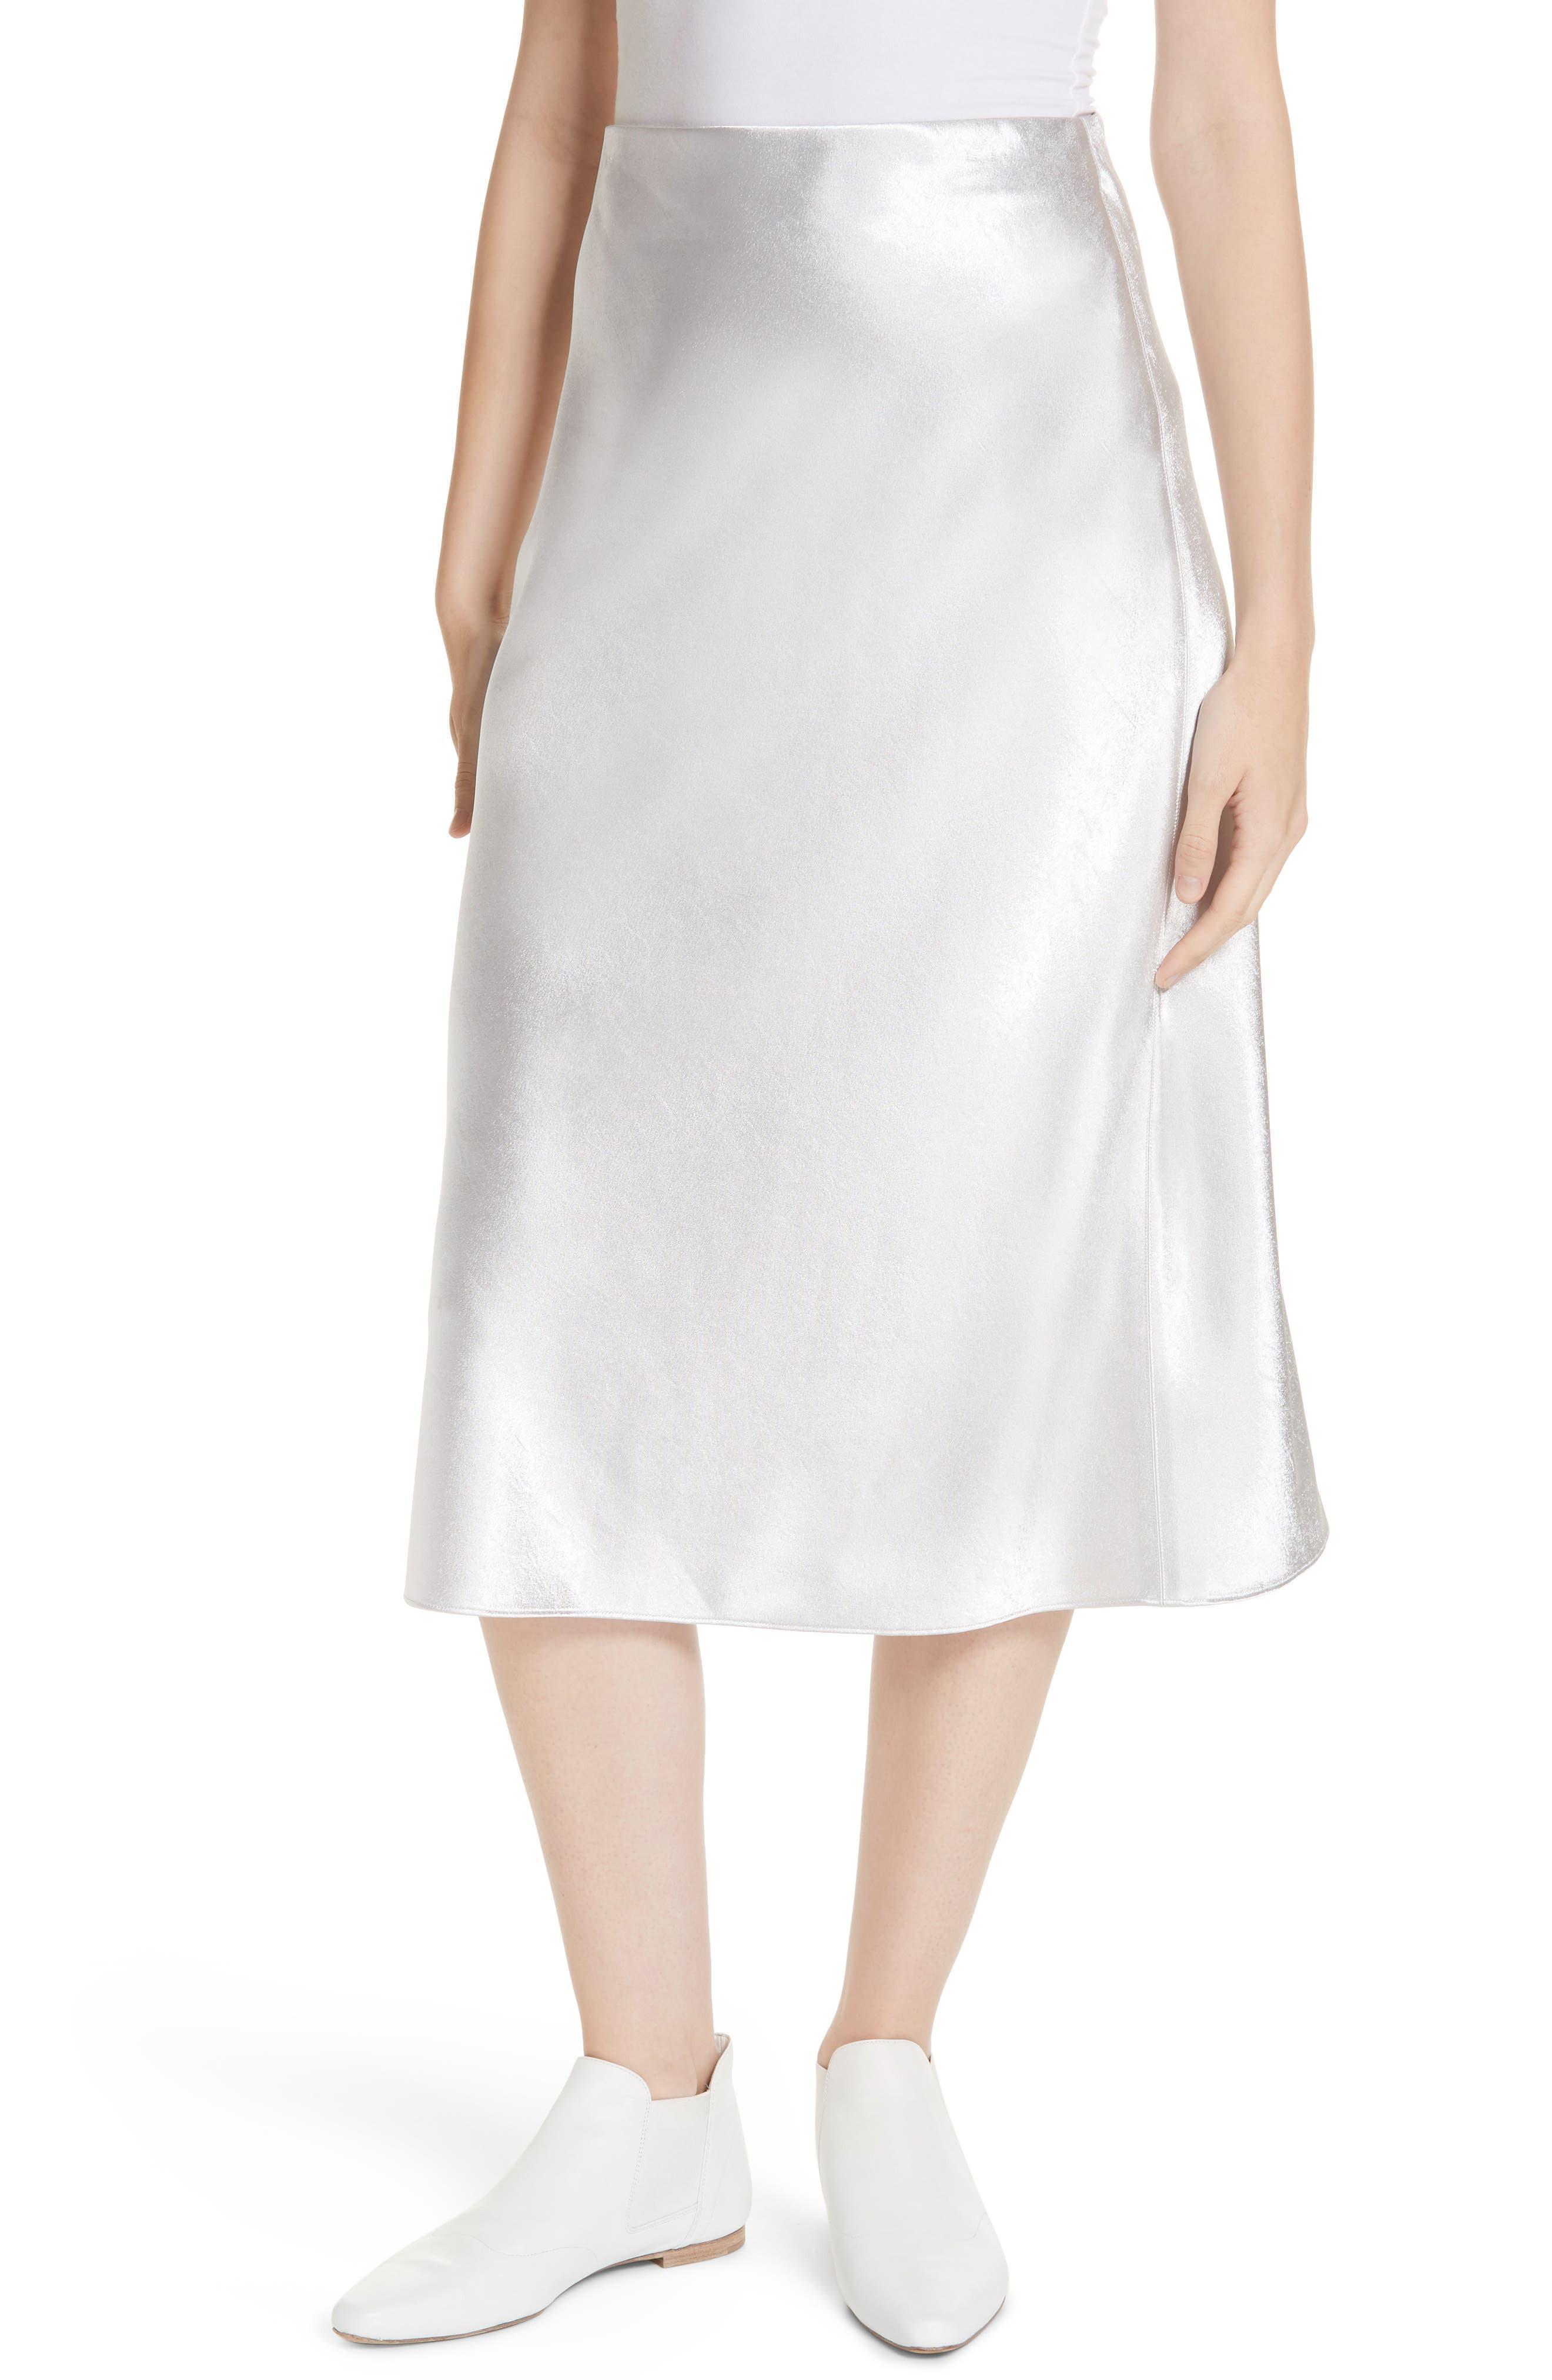 VINCE Satin Slip Skirt, Main, color, 043